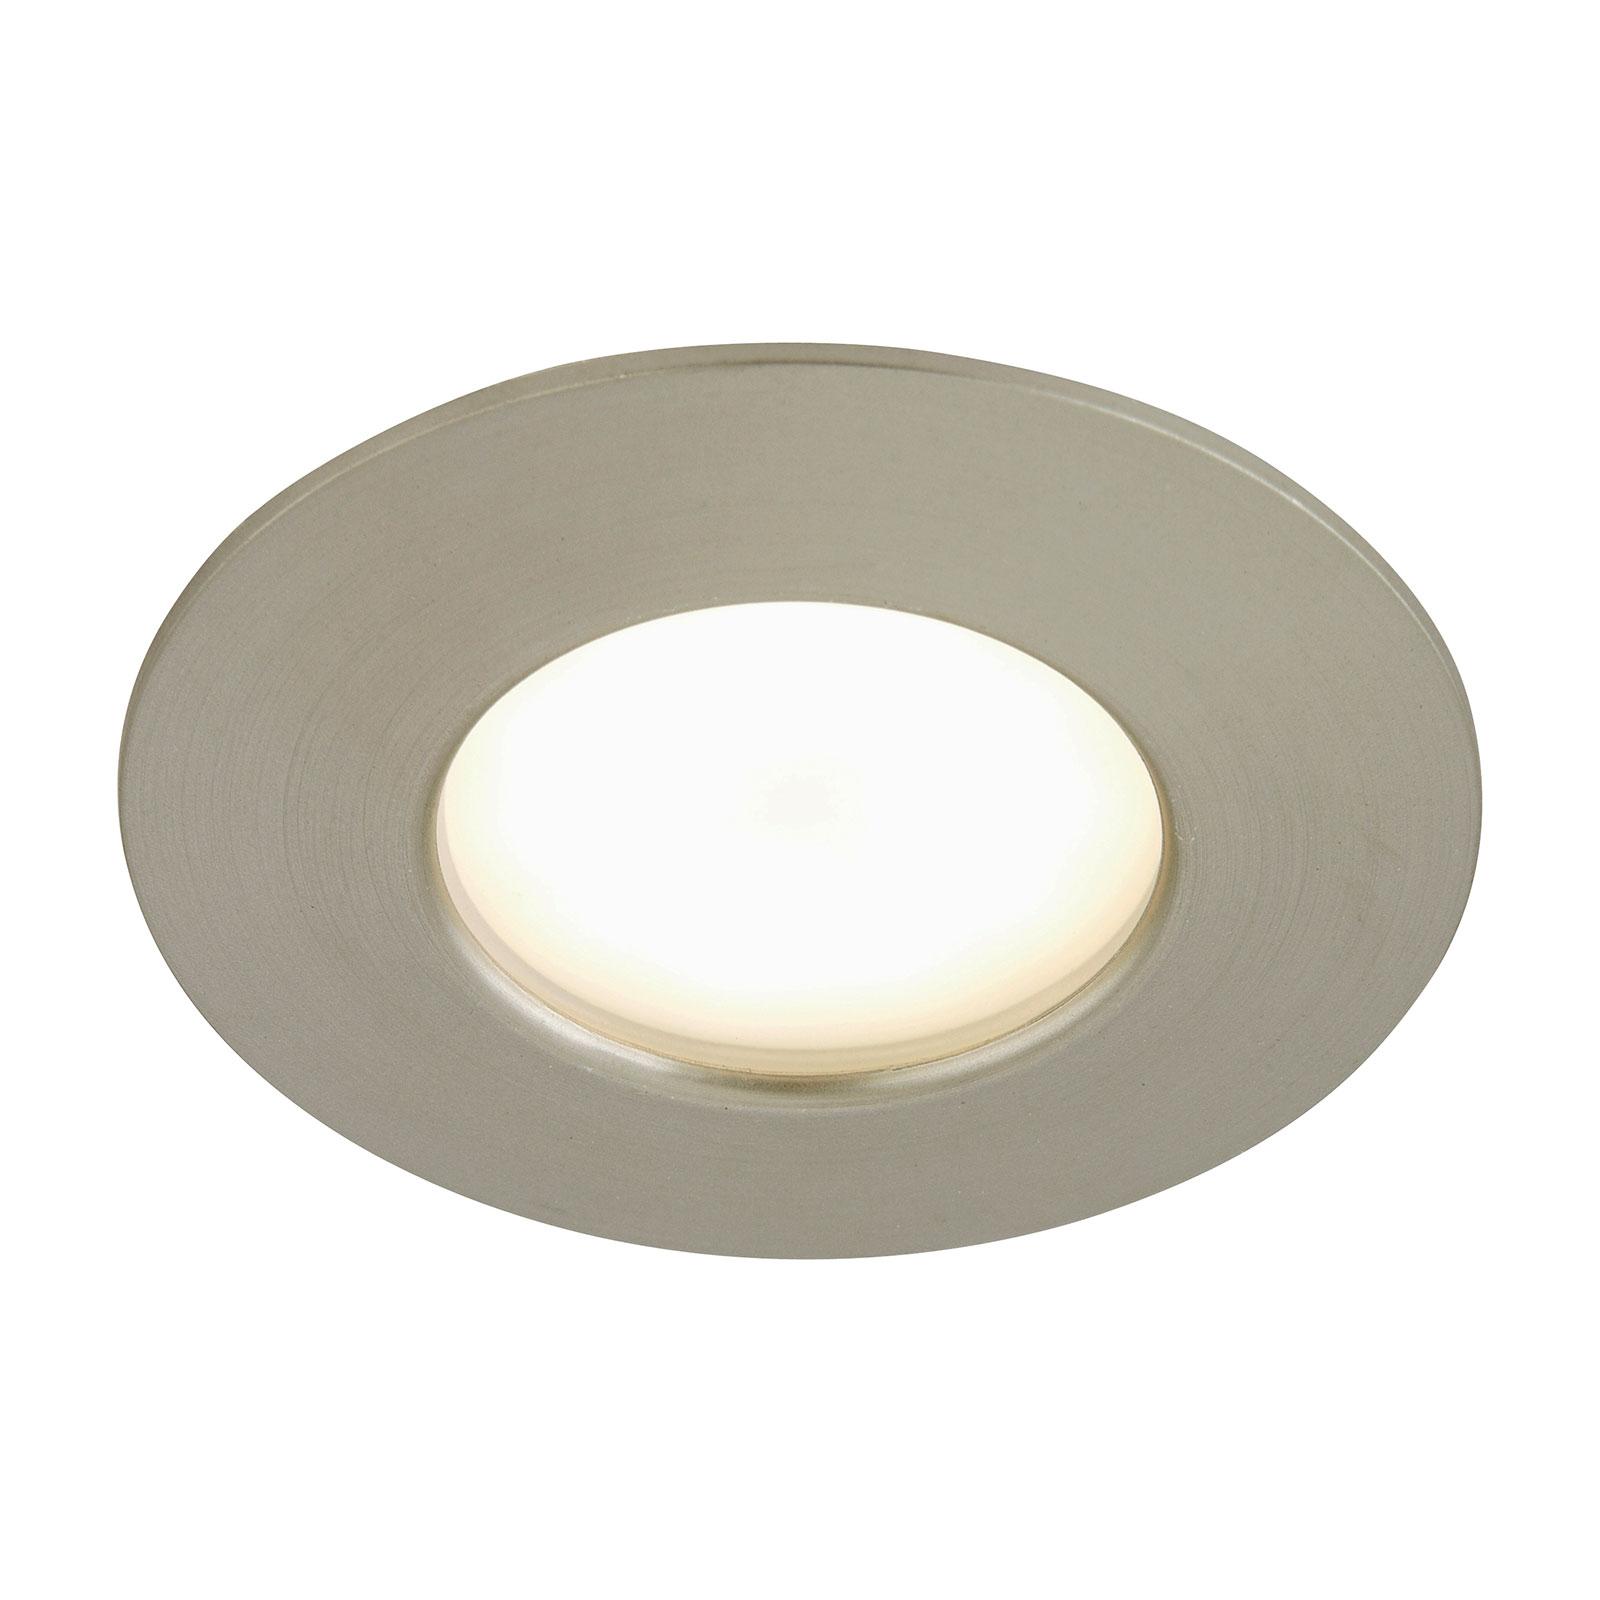 Outdoor LED recessed light Till, matt nickel_1510333_1